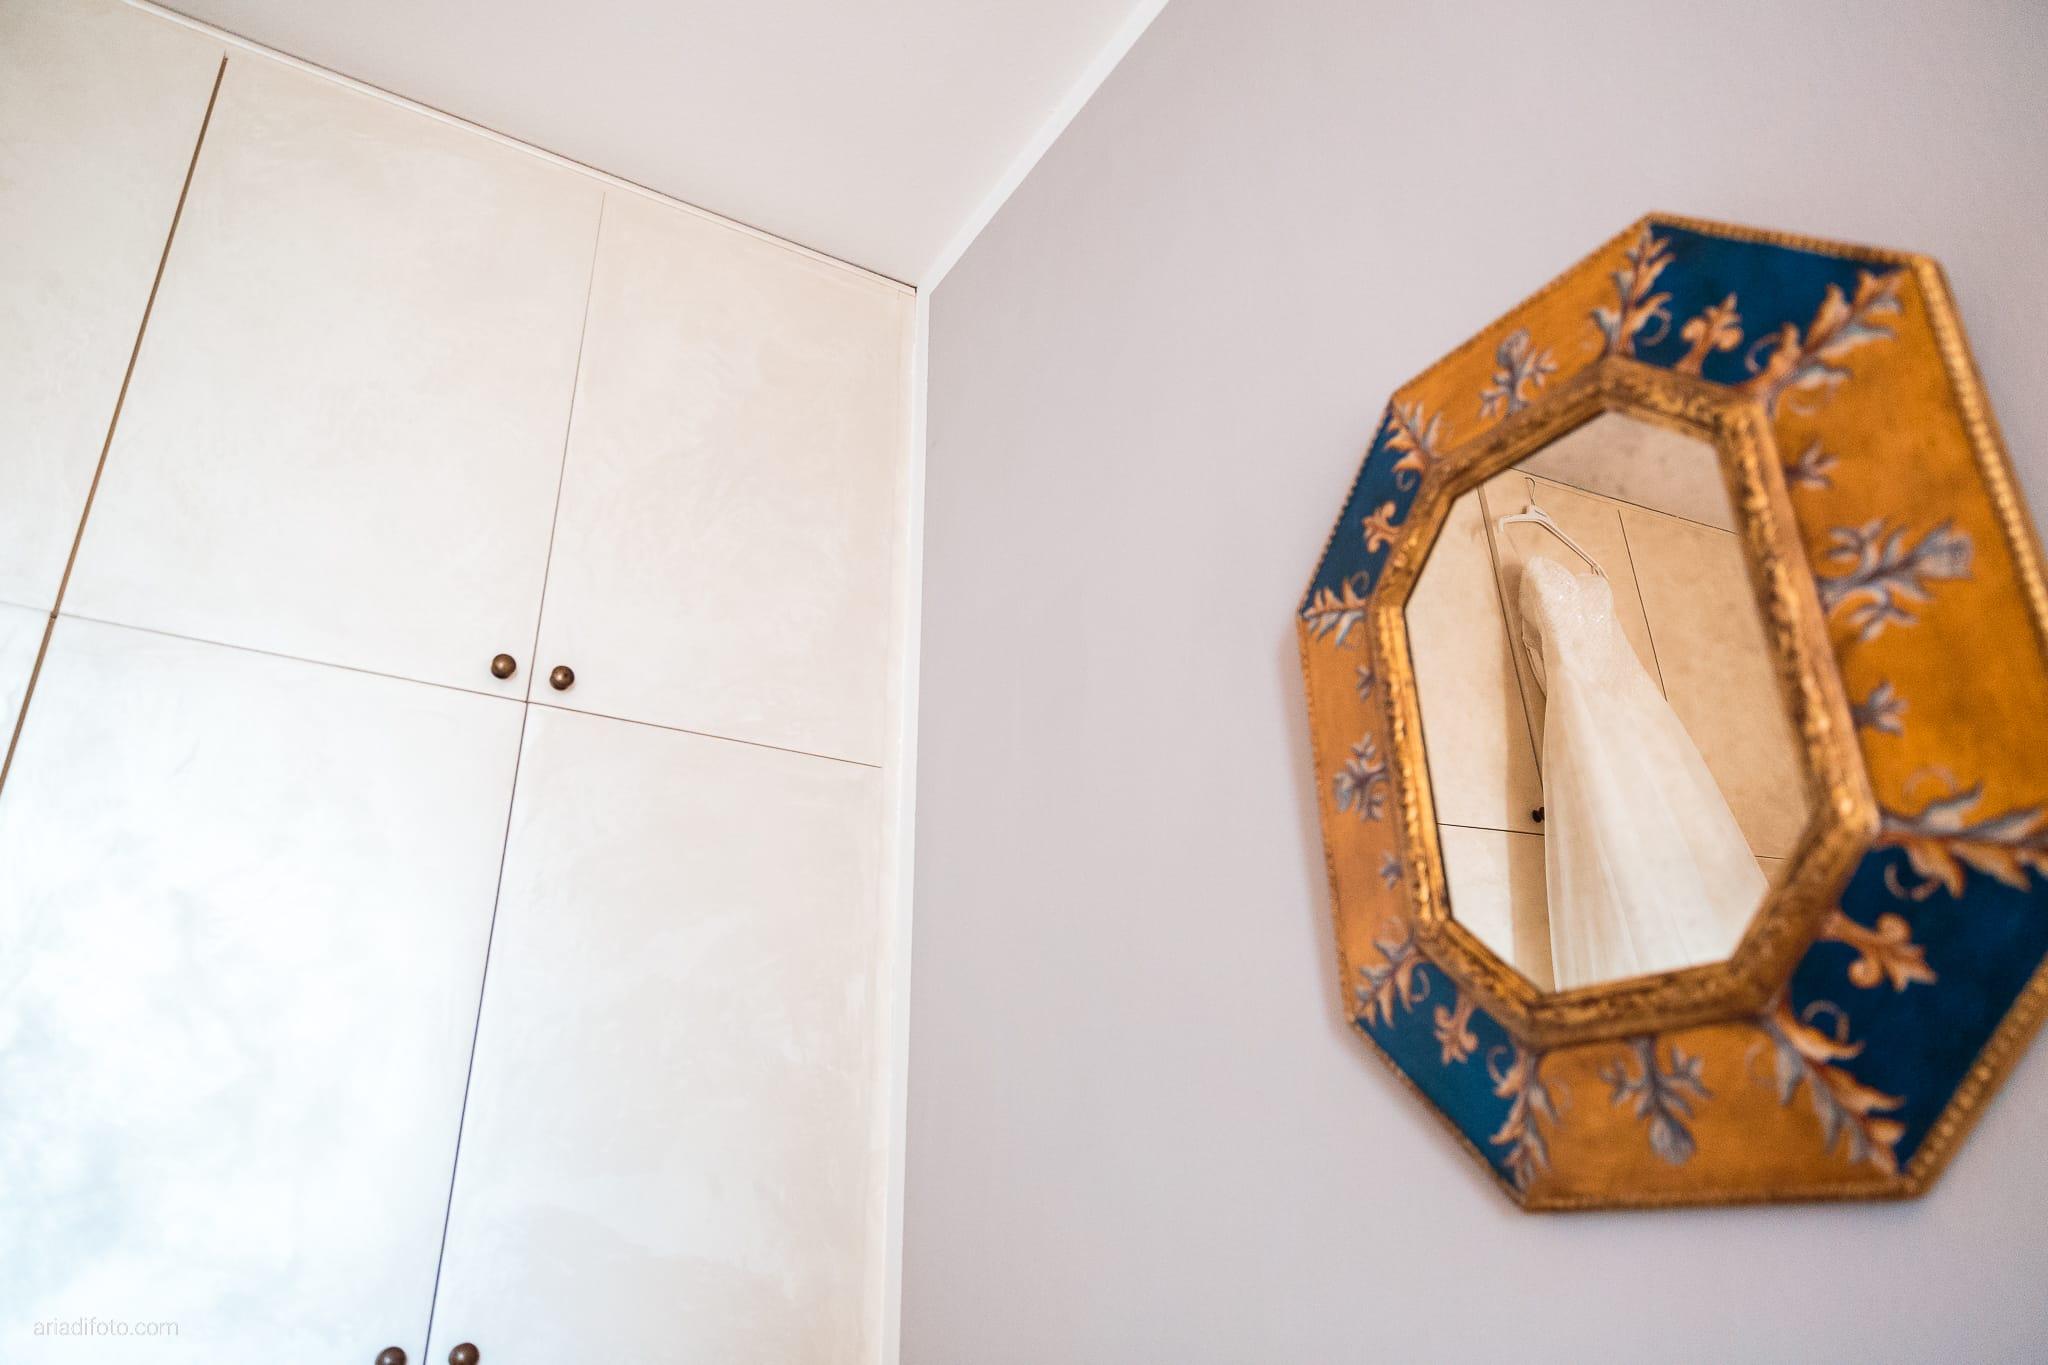 Mariarita Matteo Matrimonio Trieste Villa Attems Cernozza Postcastro Lucinico Gorizia preparativi abito specchio riflesso